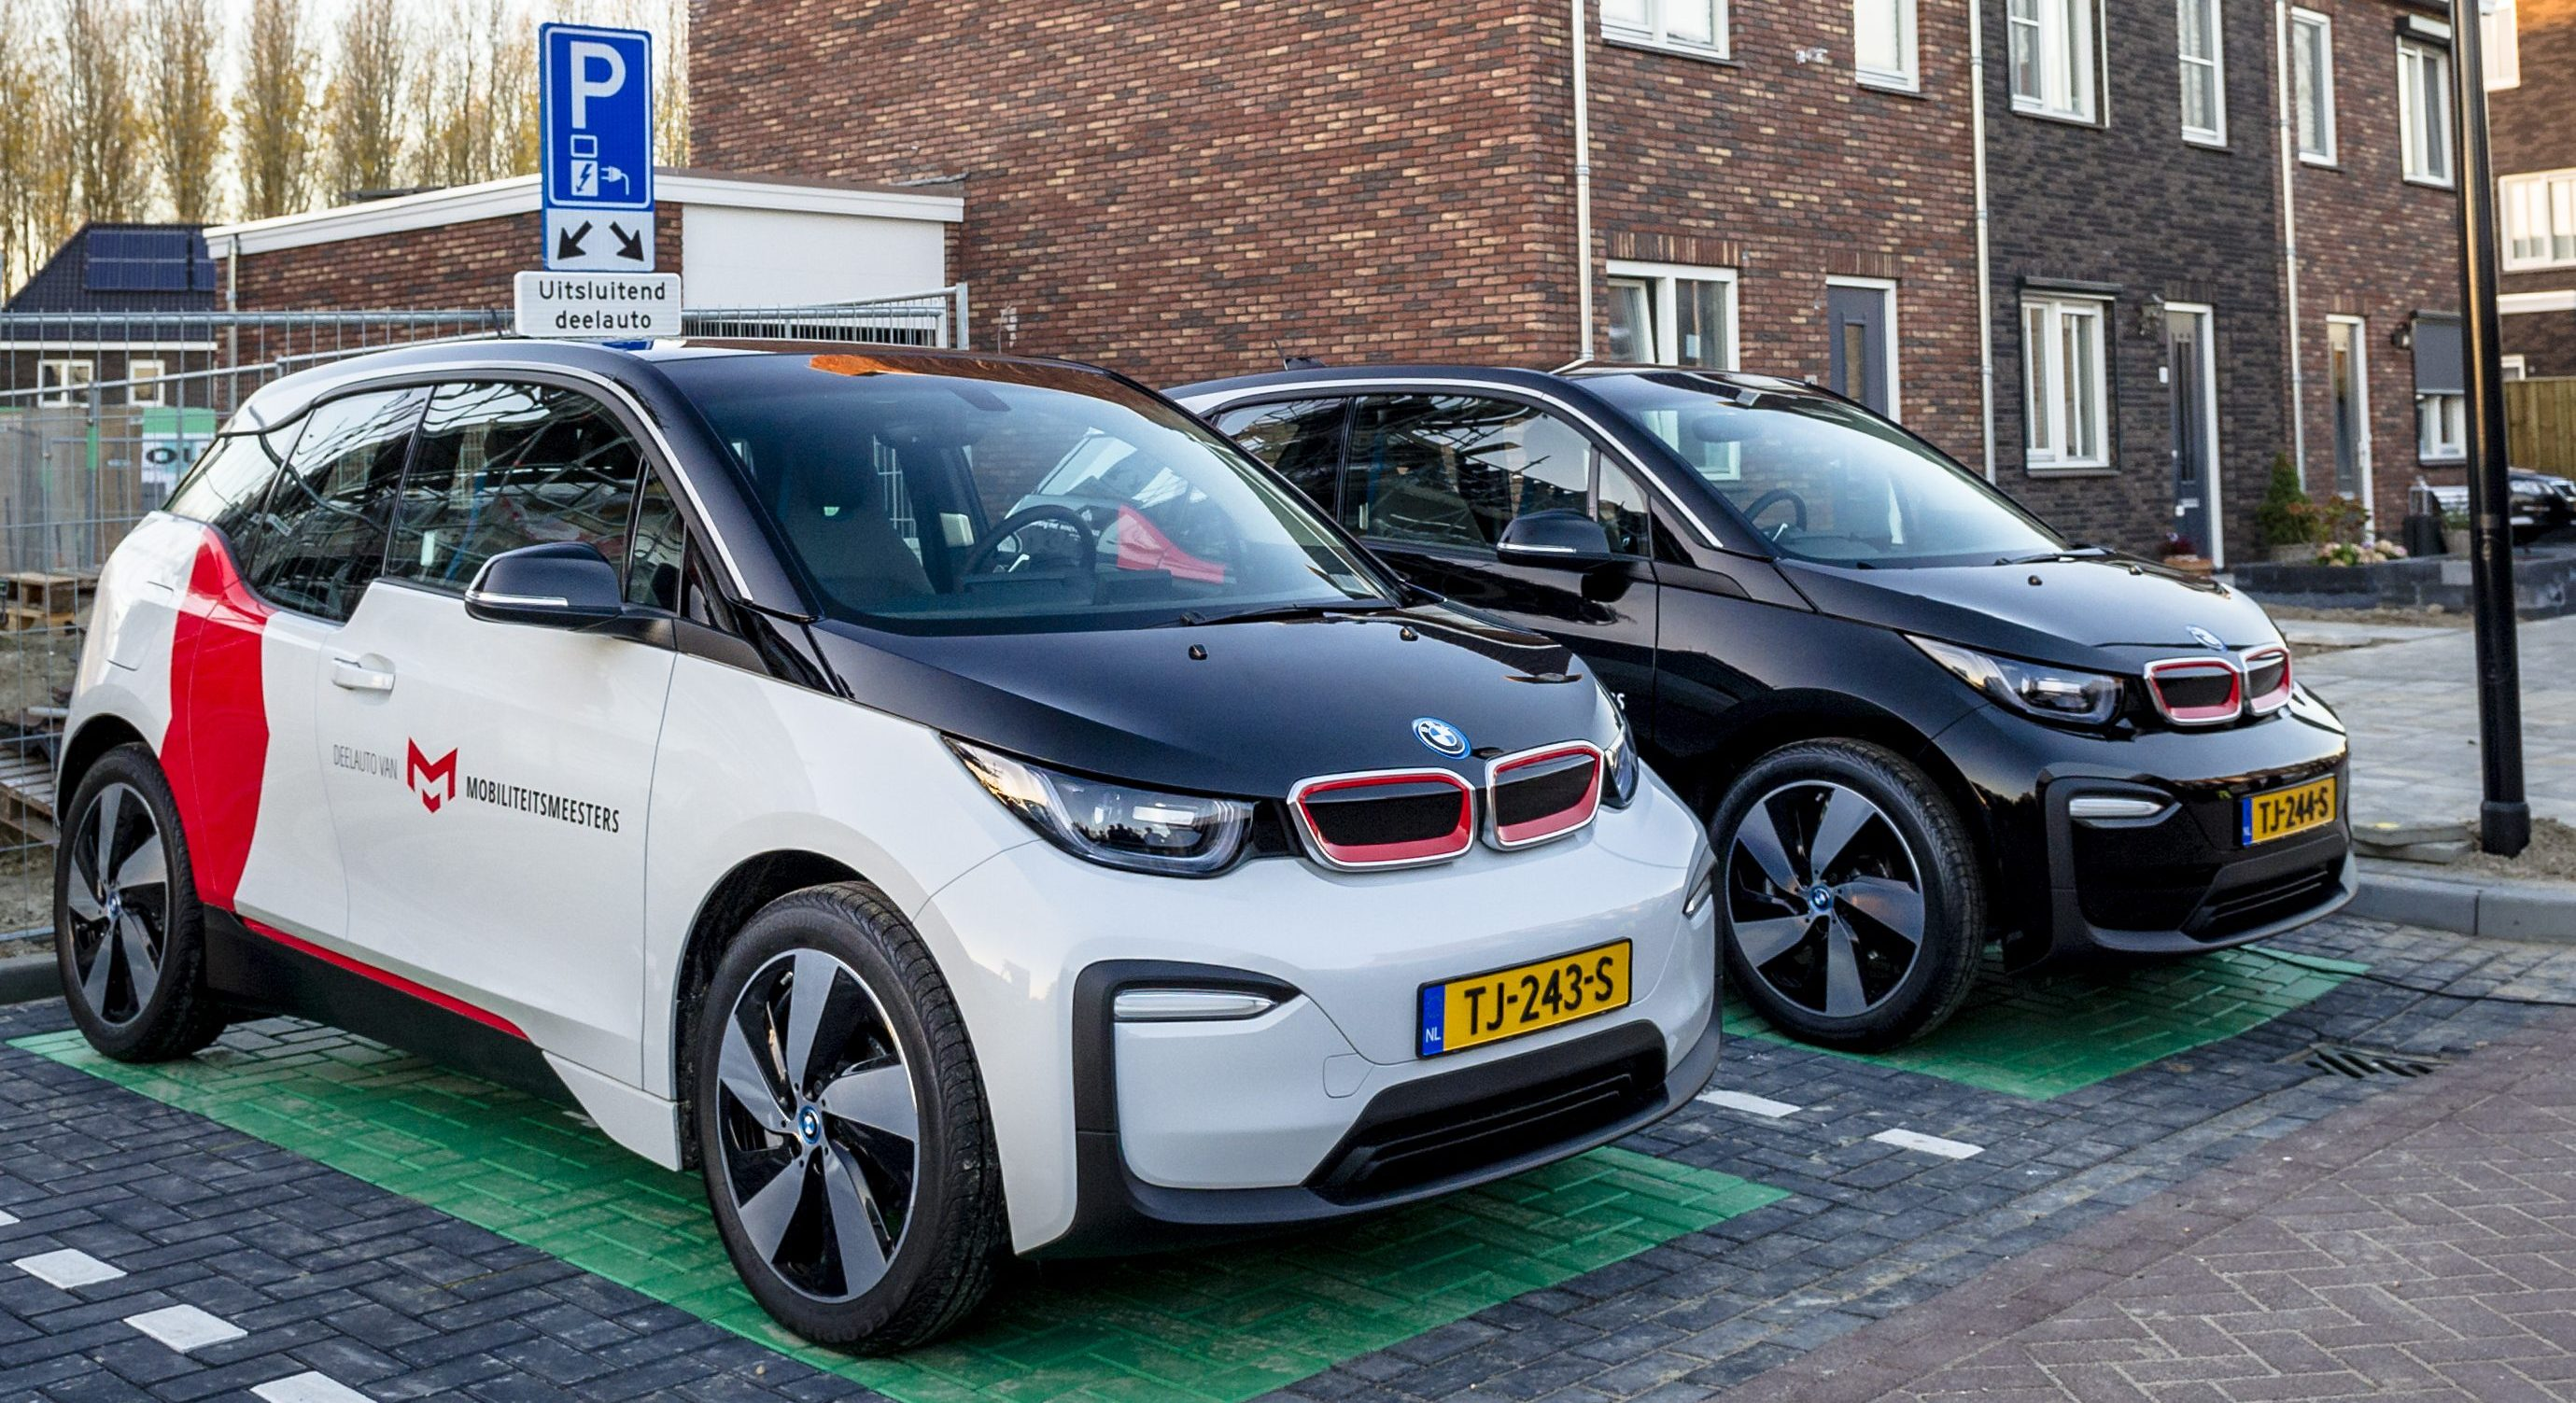 E-car sharing